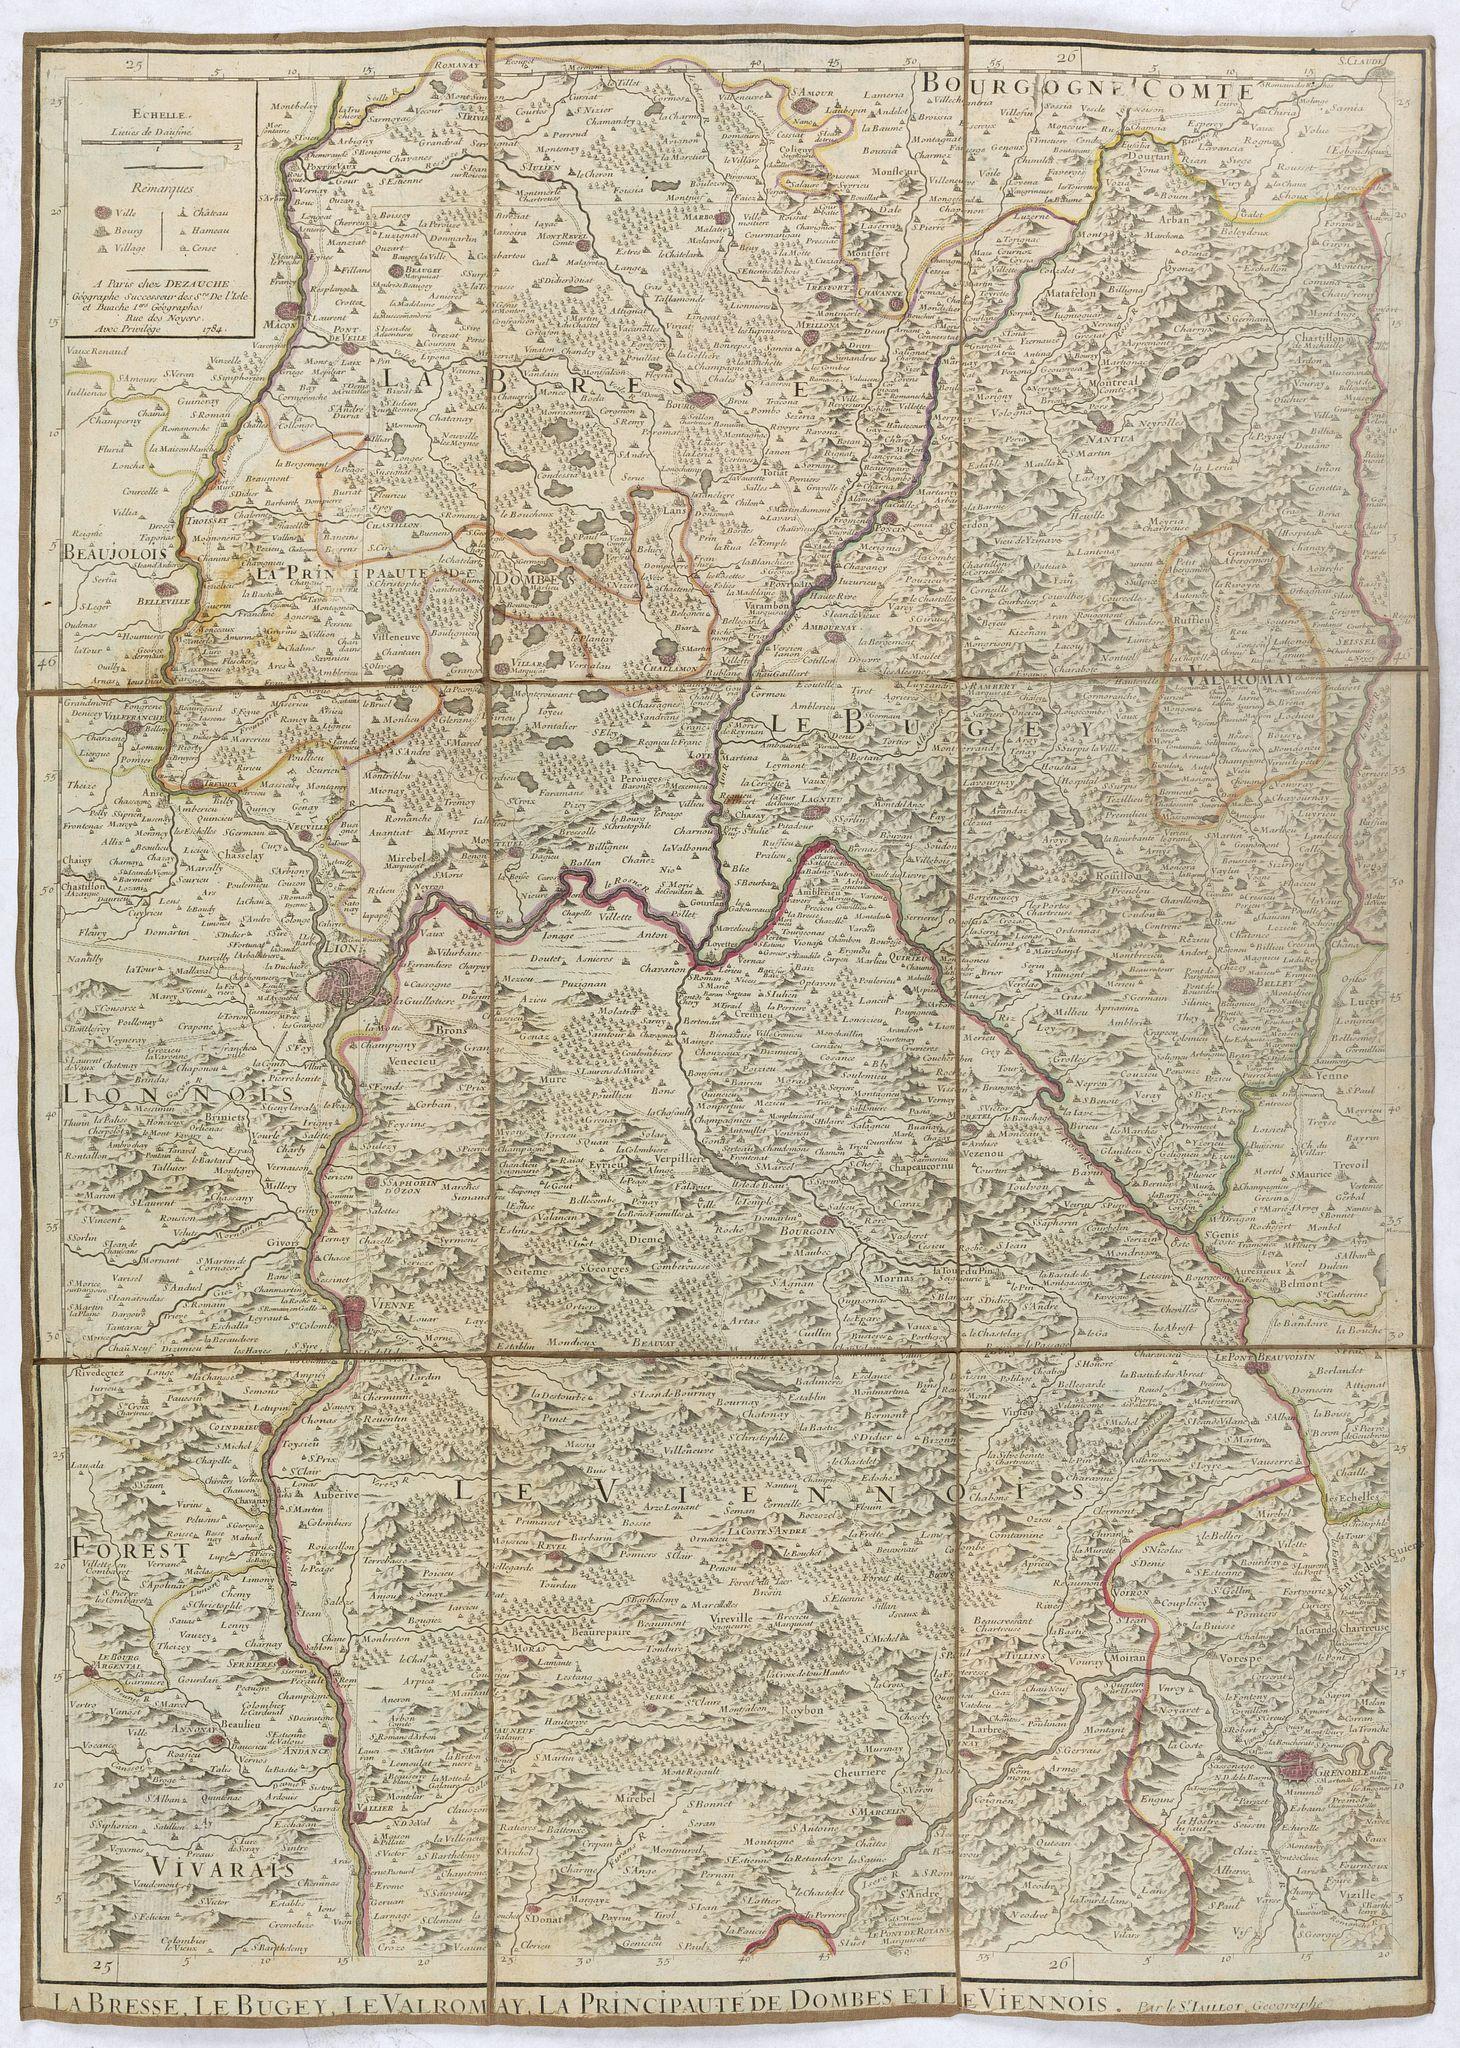 JAILLOT, A.H. / DEZAUCHE -  La Bresse, le buge-y, le Valromay, la Proncipauté de Dombes, et le Viennois.